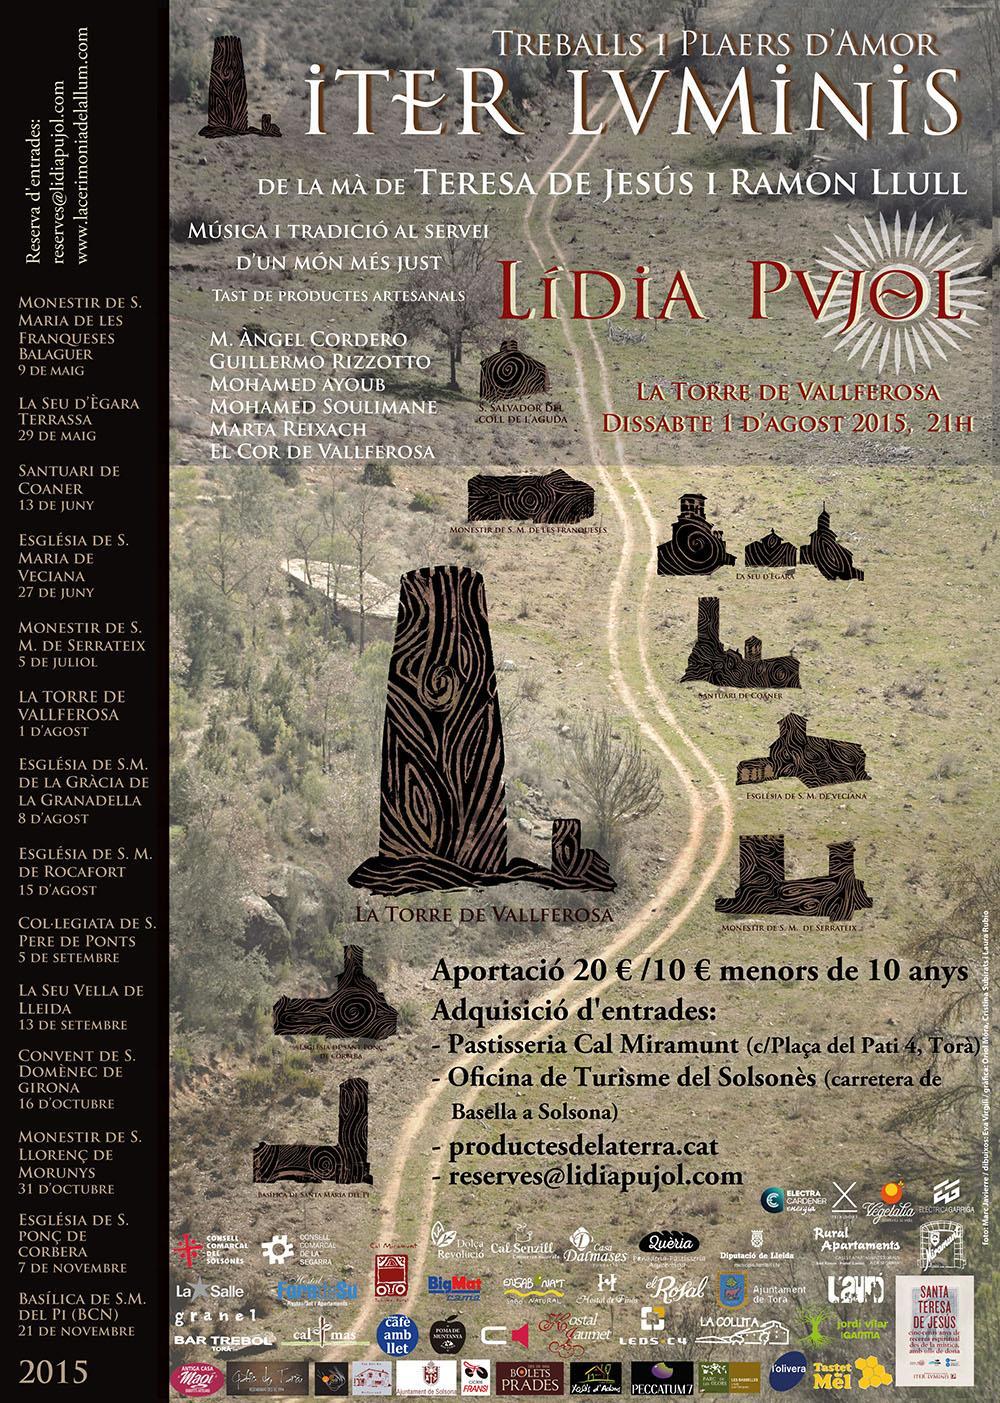 cartell Iter Luminis -Treballs i plaers d'amor a la Torre de Vallferosa